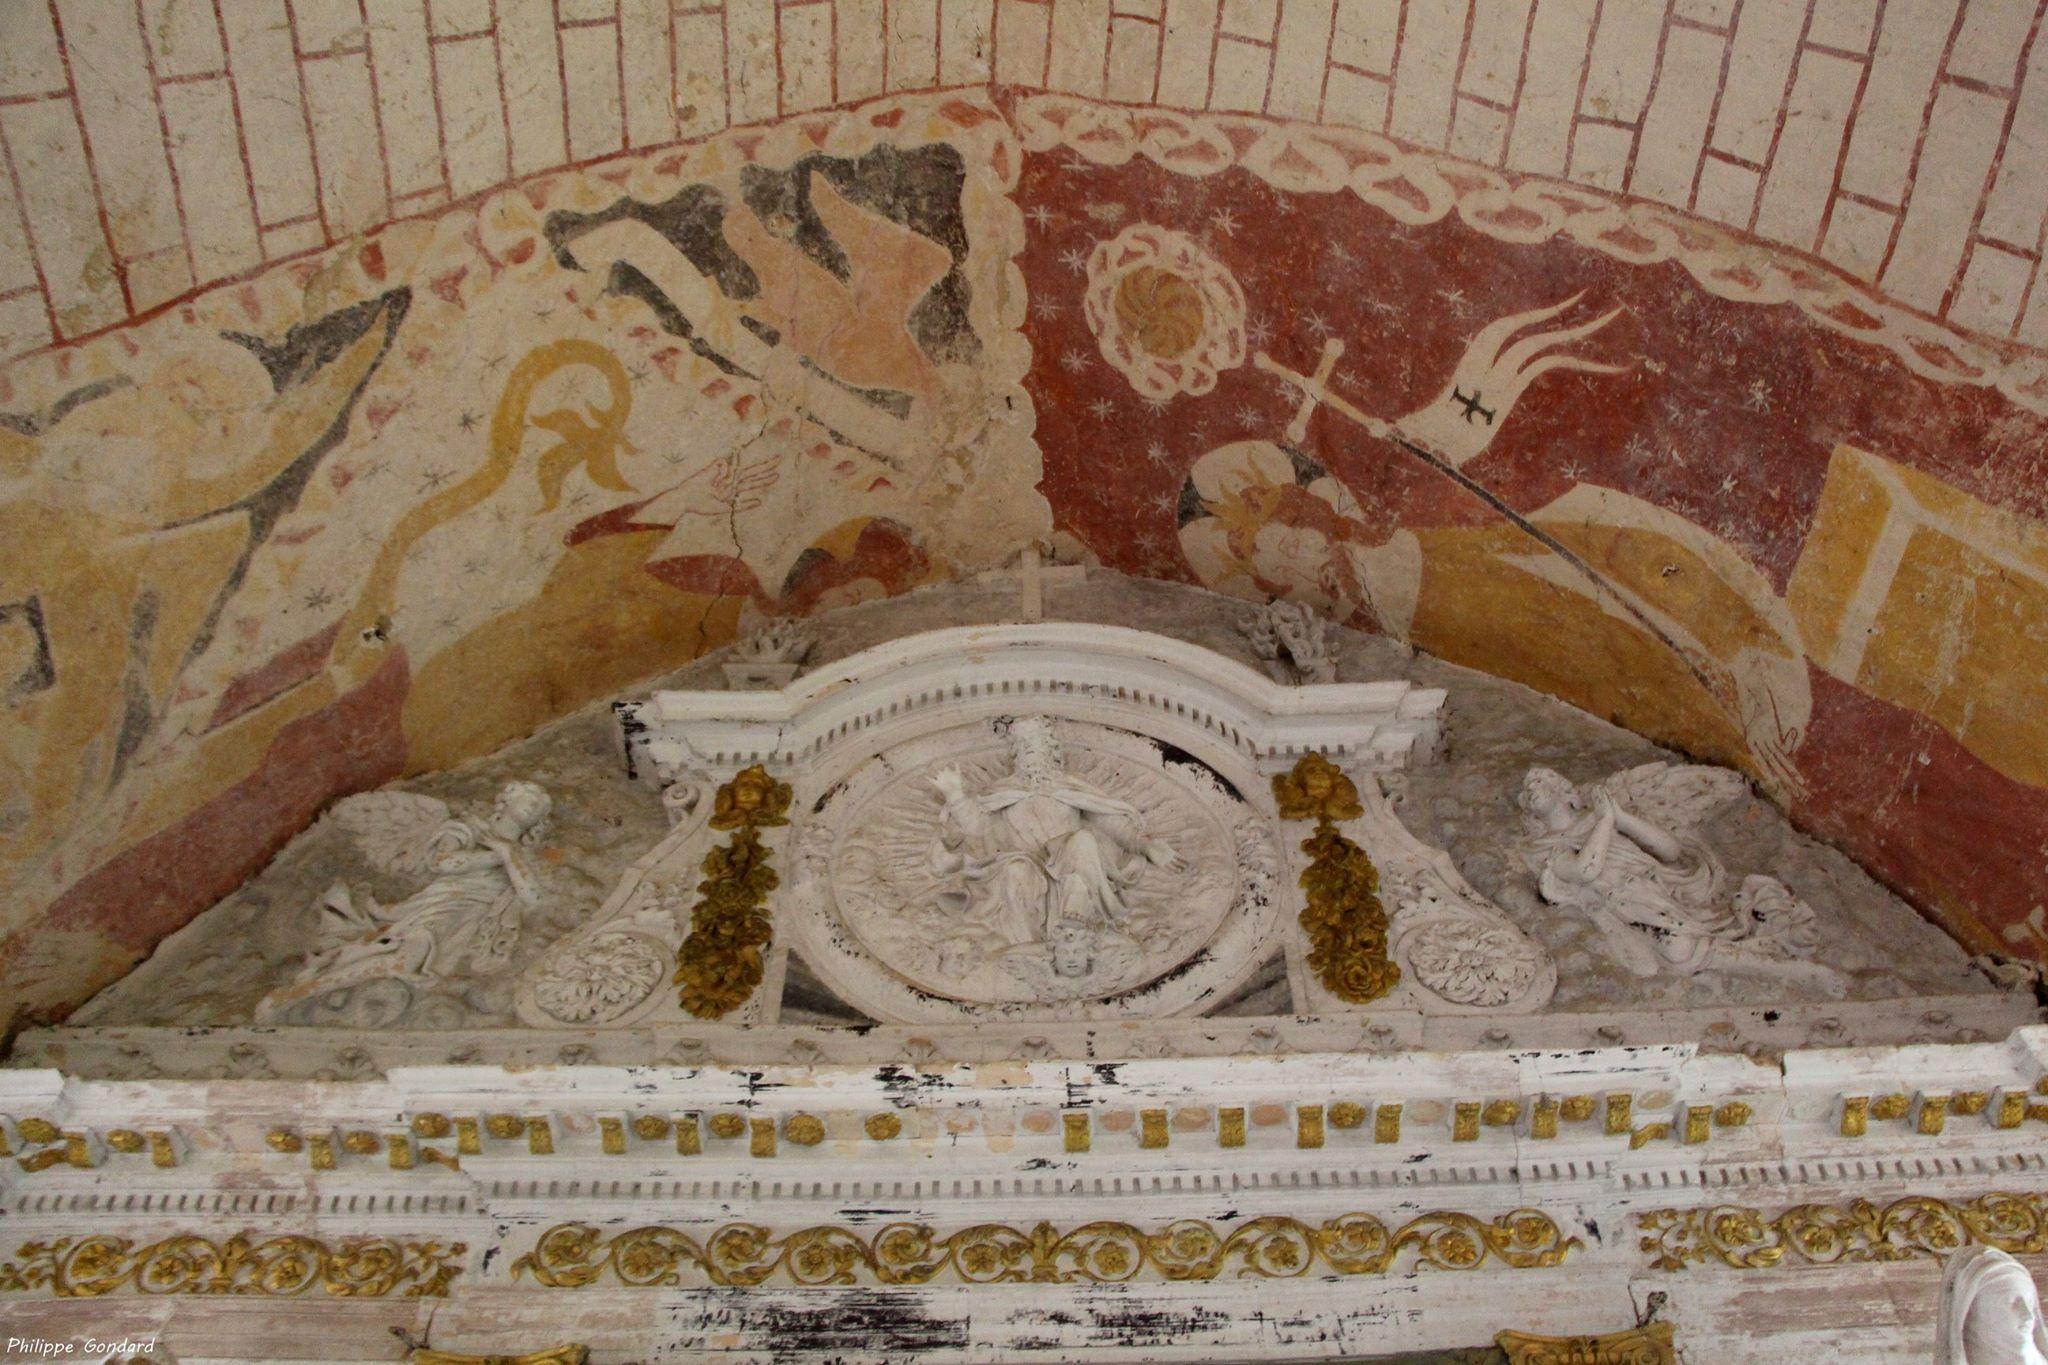 Conlie - Chapelle Saint Hilaire et Saint Eutrope de Verniette 11 (Philippe Gondard)